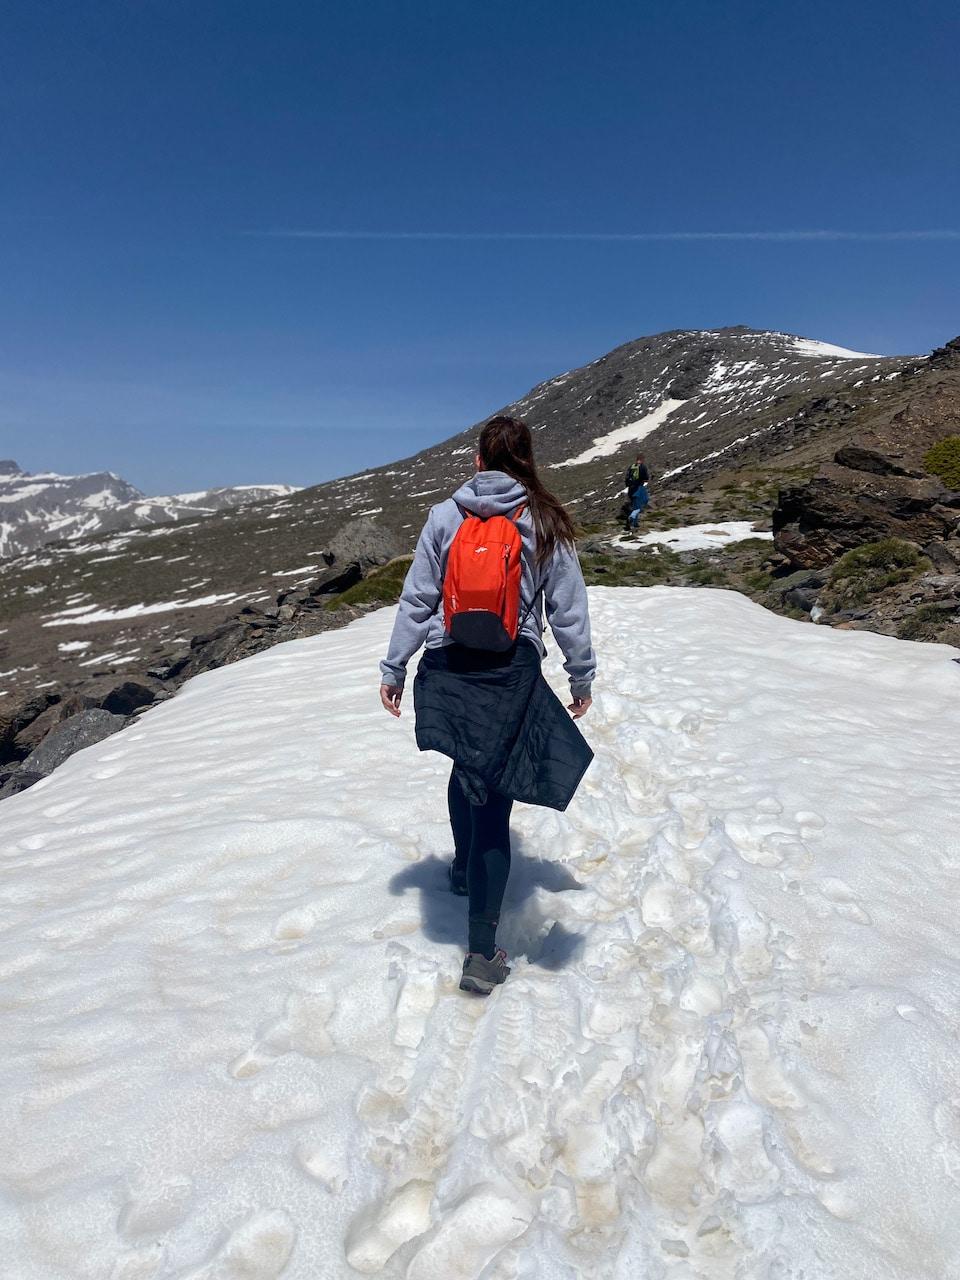 Mulhacén rondwandeling: hoogste berg van Spanje in 1 dag beklimmen